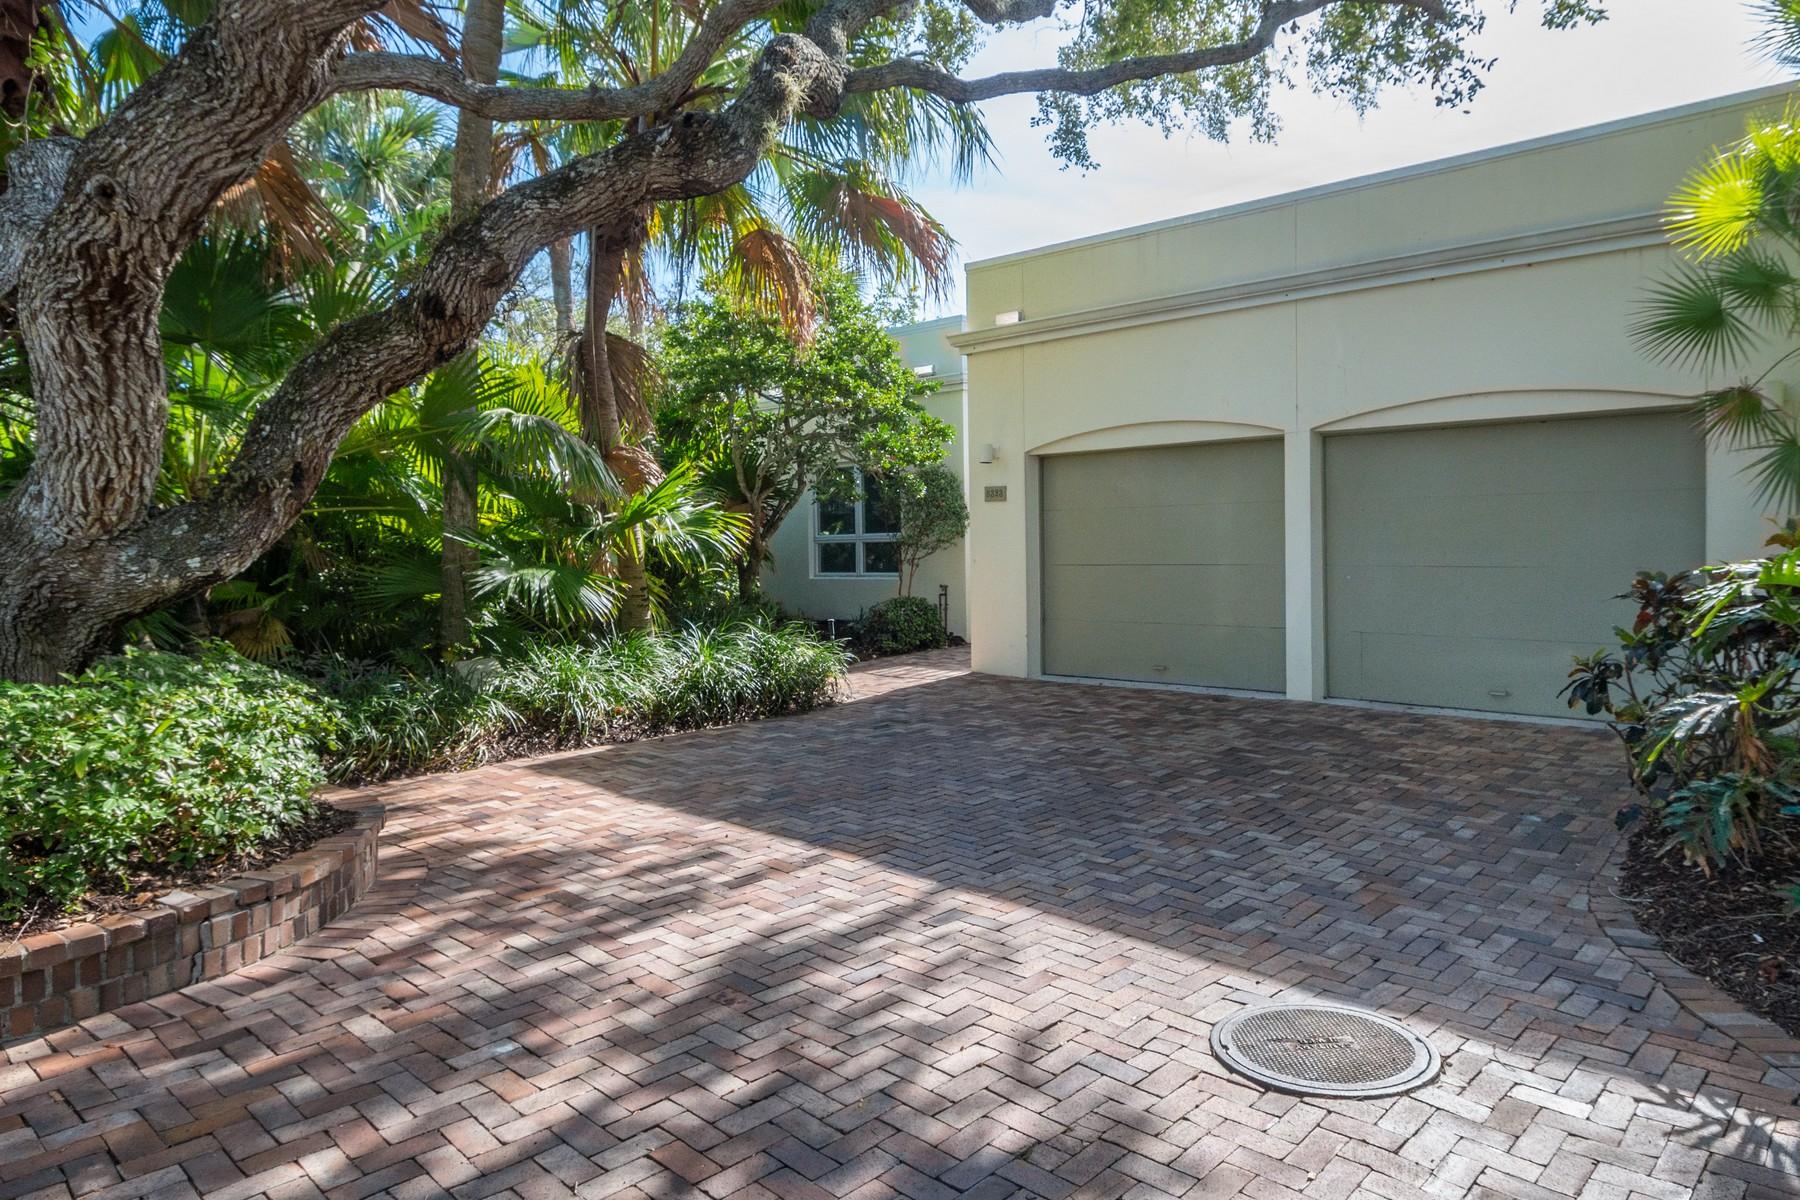 단독 가정 주택 용 매매 에 Beautiful Courtyard home 8323 Chinaberry Rd Vero Beach, 플로리다, 32963 미국